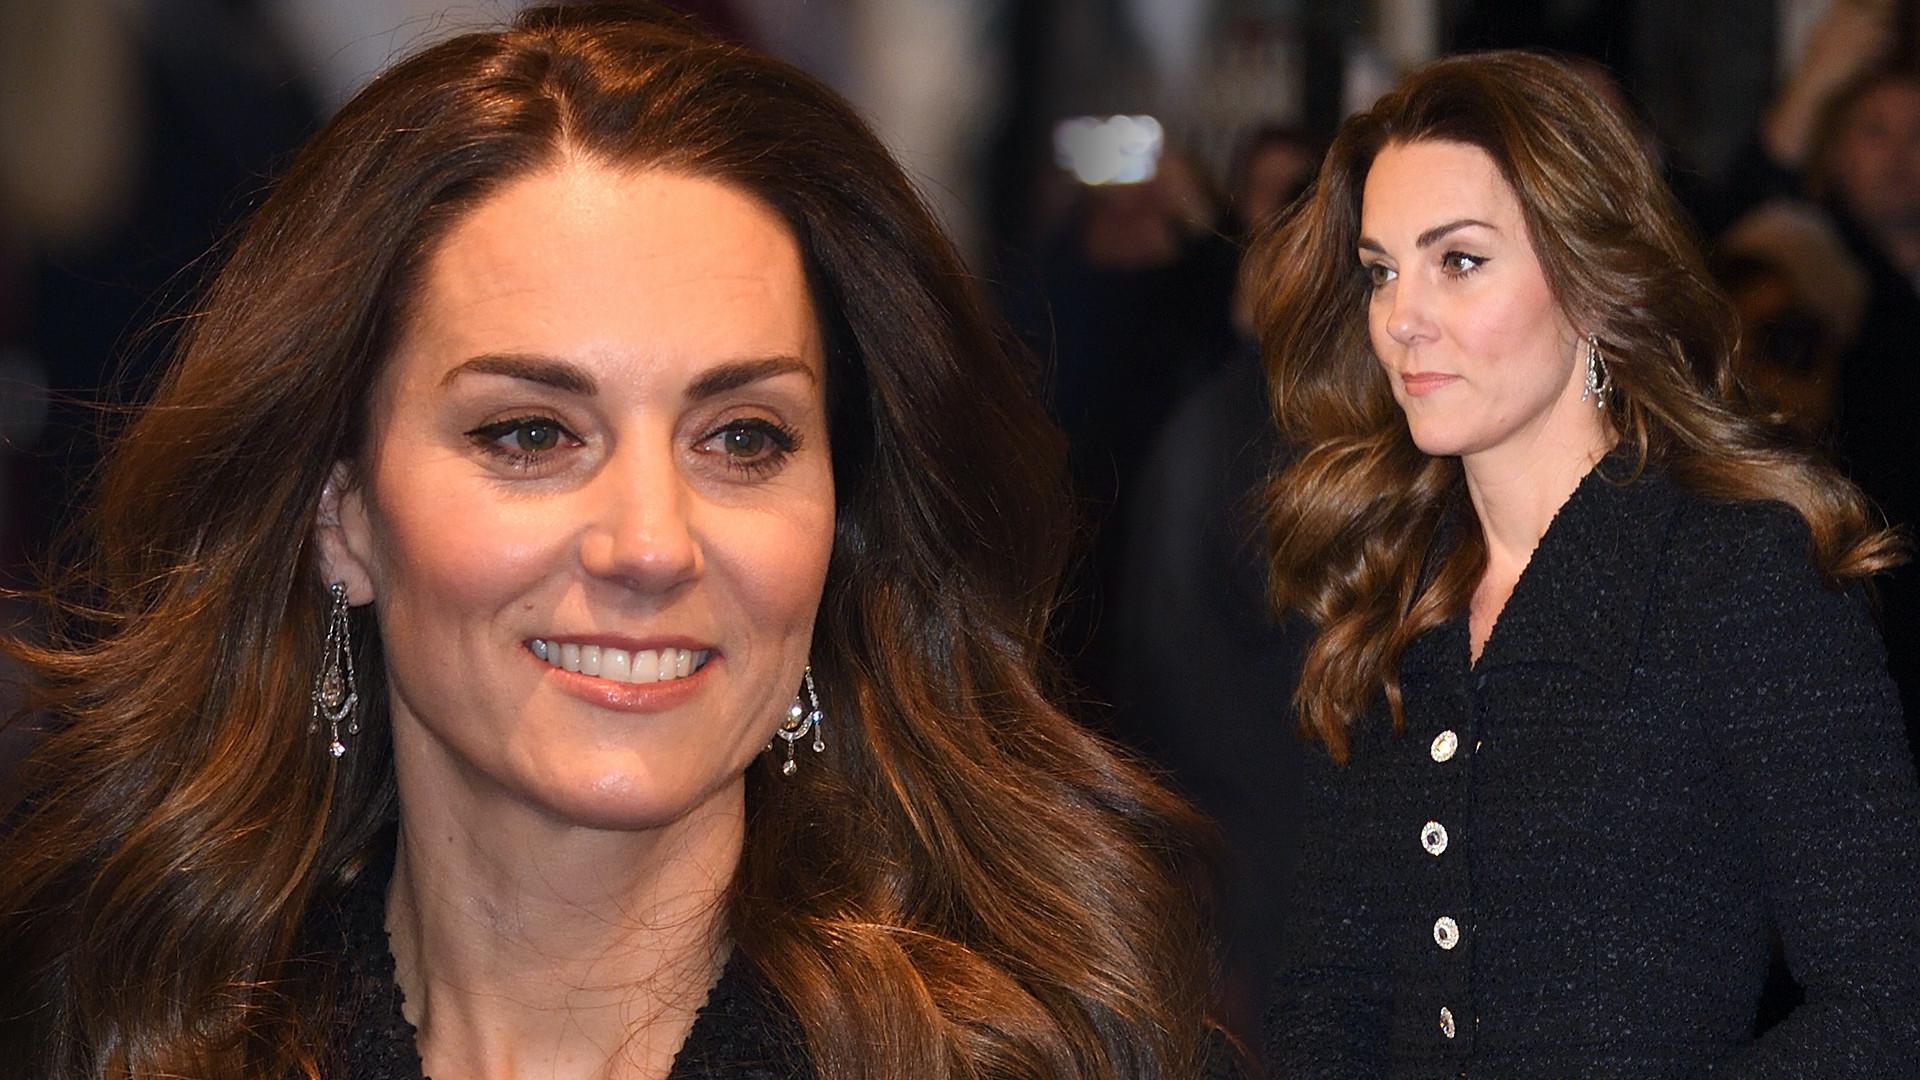 Kate Middleton w pięknych SZPILKACH – takie noszą prawdziwe księżniczki (ZDJĘCIA)